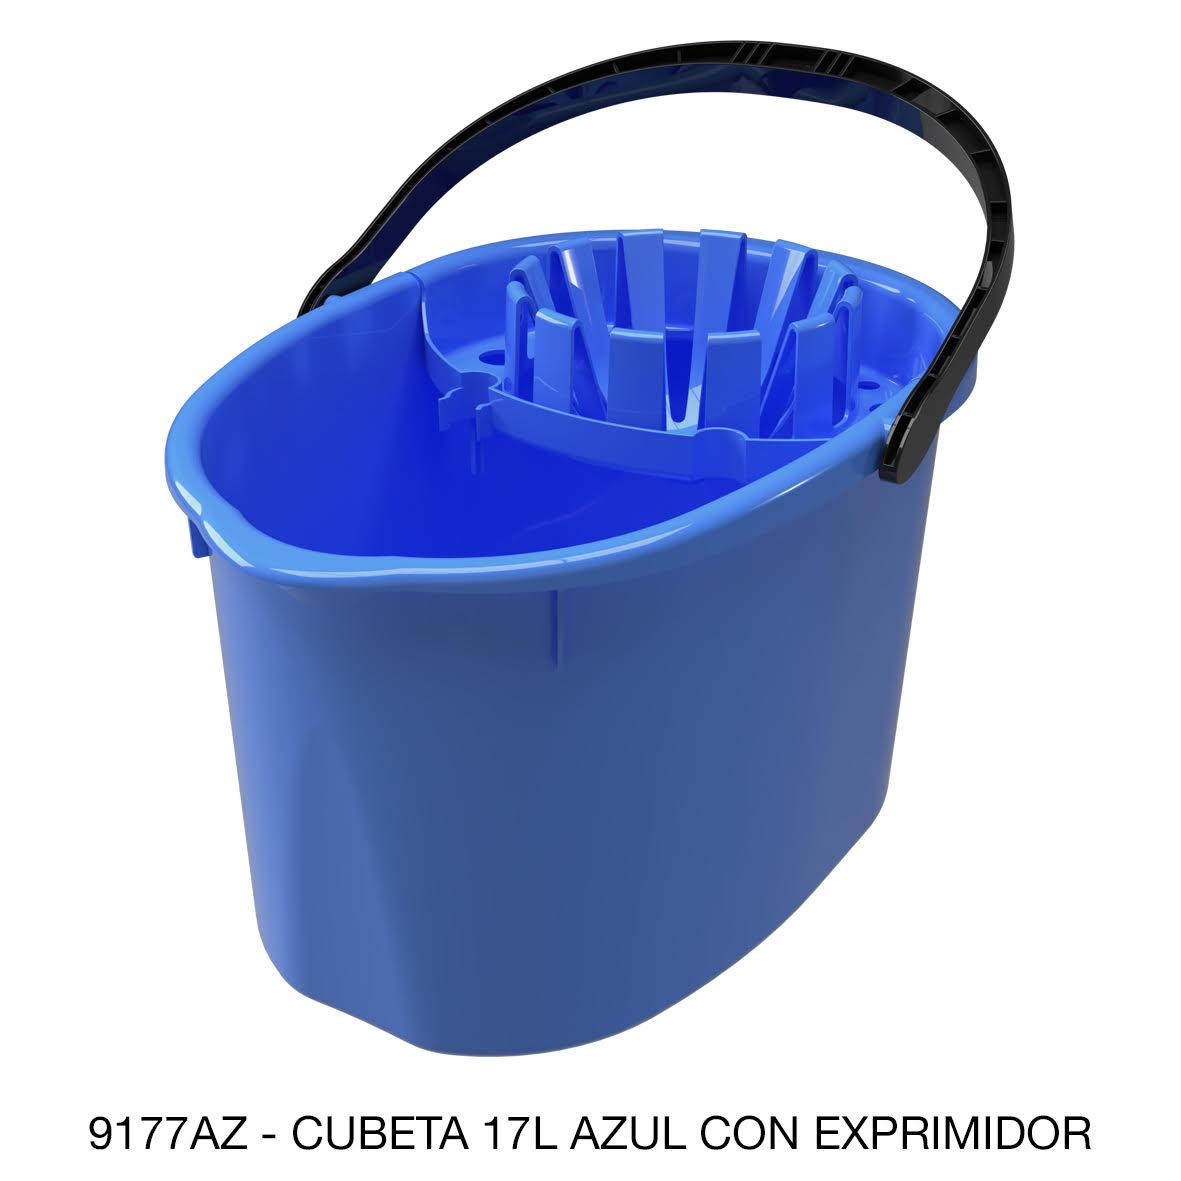 Cubeta de 17 litros con exprimidor color azul modelo 9177AZ de Sablón